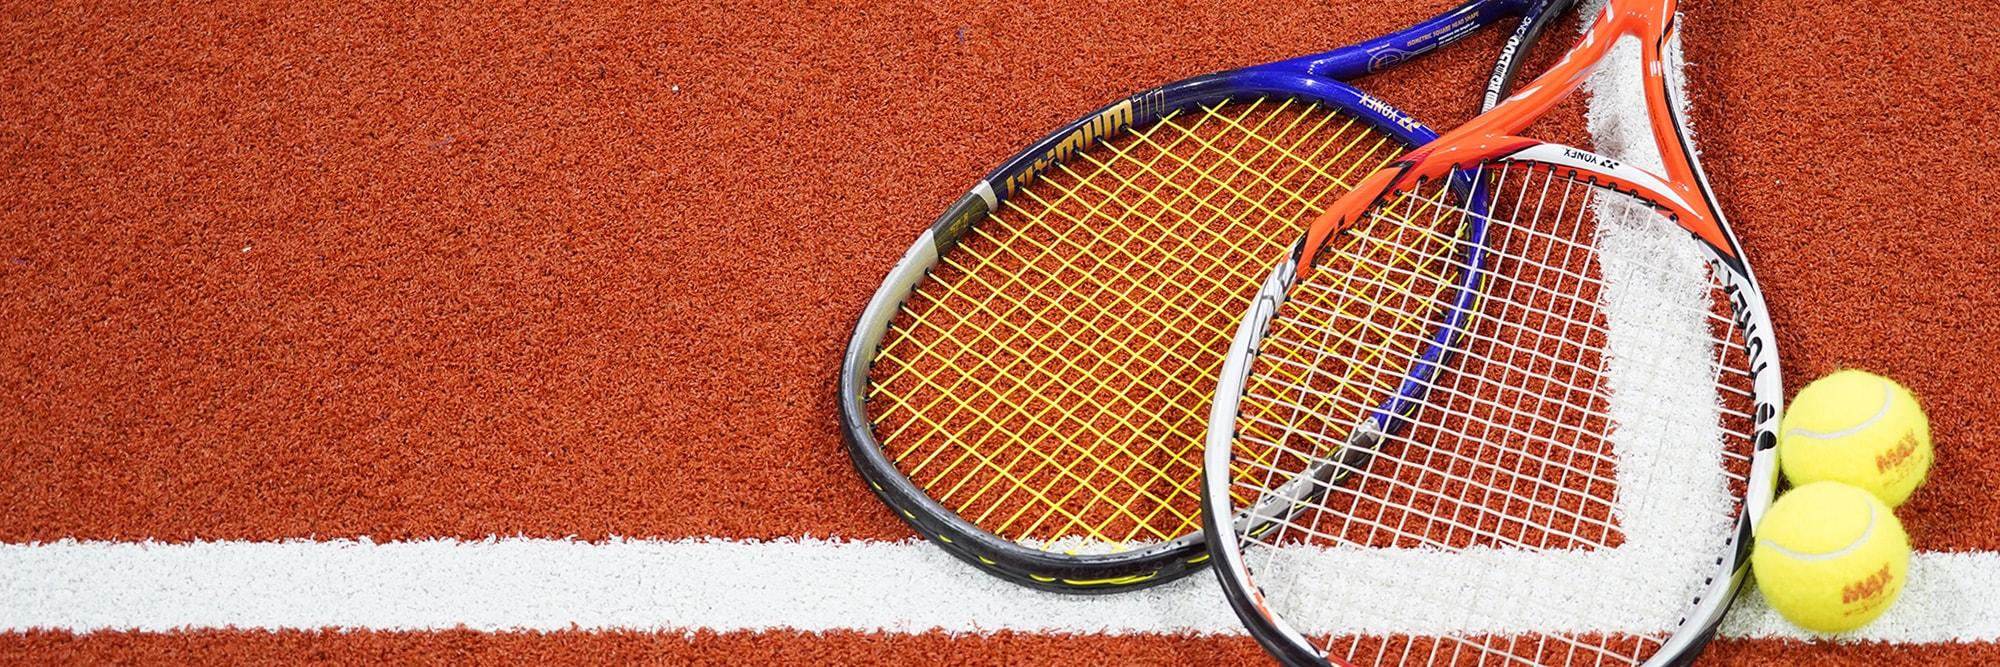 MAXインドアテニススクール|イベント案内|元テニス部だった人ではなくてもテニス大好きな人あつまれ〜!